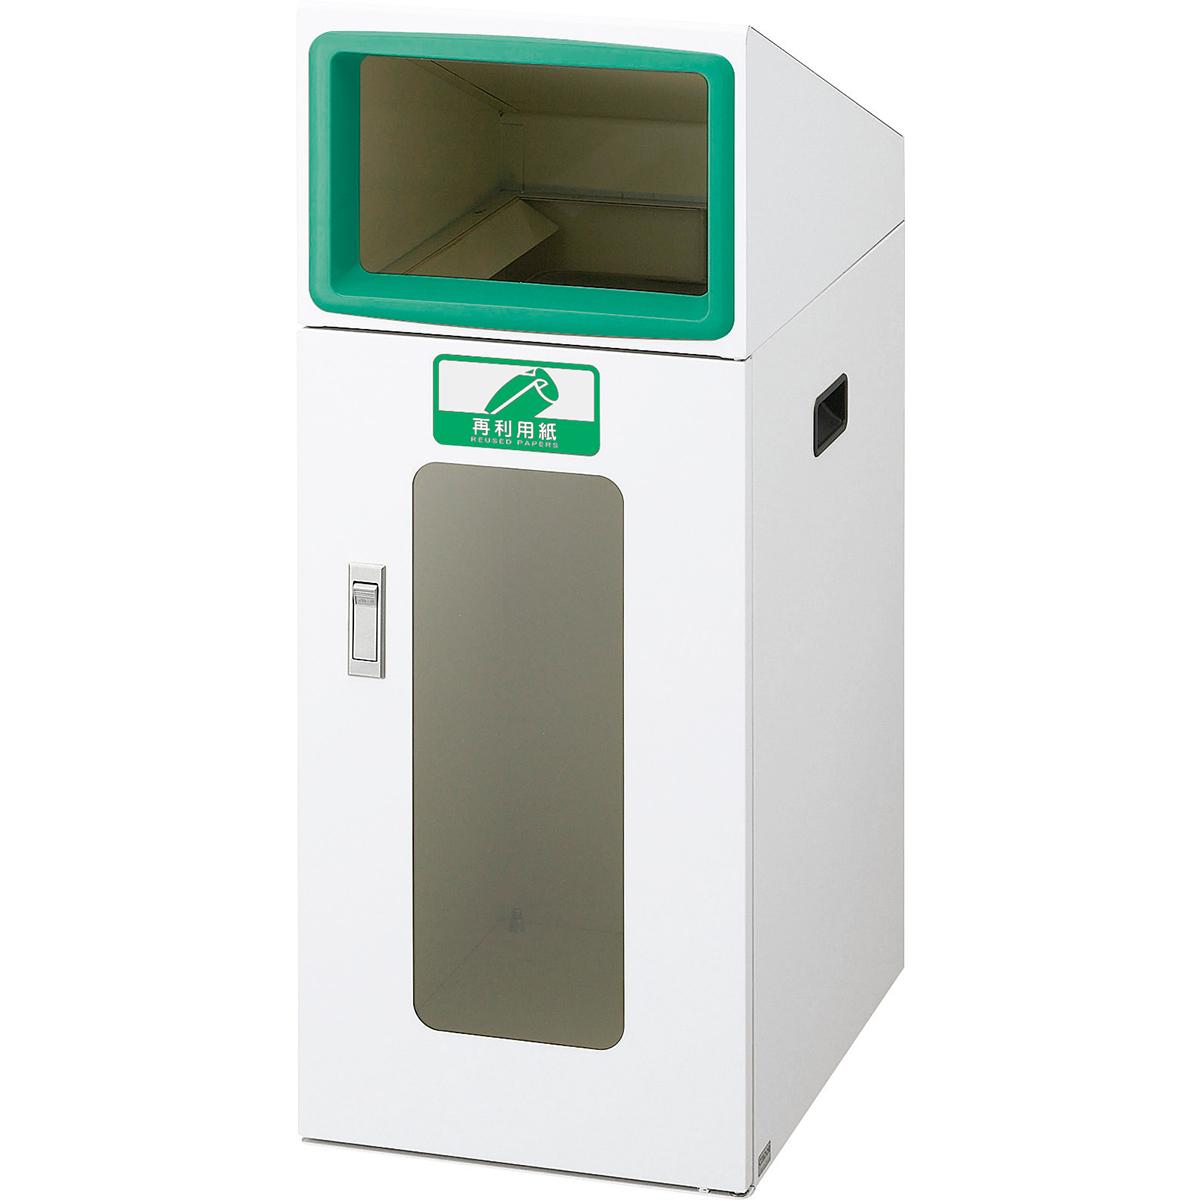 山崎産業 リサイクルボックス TOS-50 70L 再利用紙/G(緑) (代引不可) YW-331L-ID